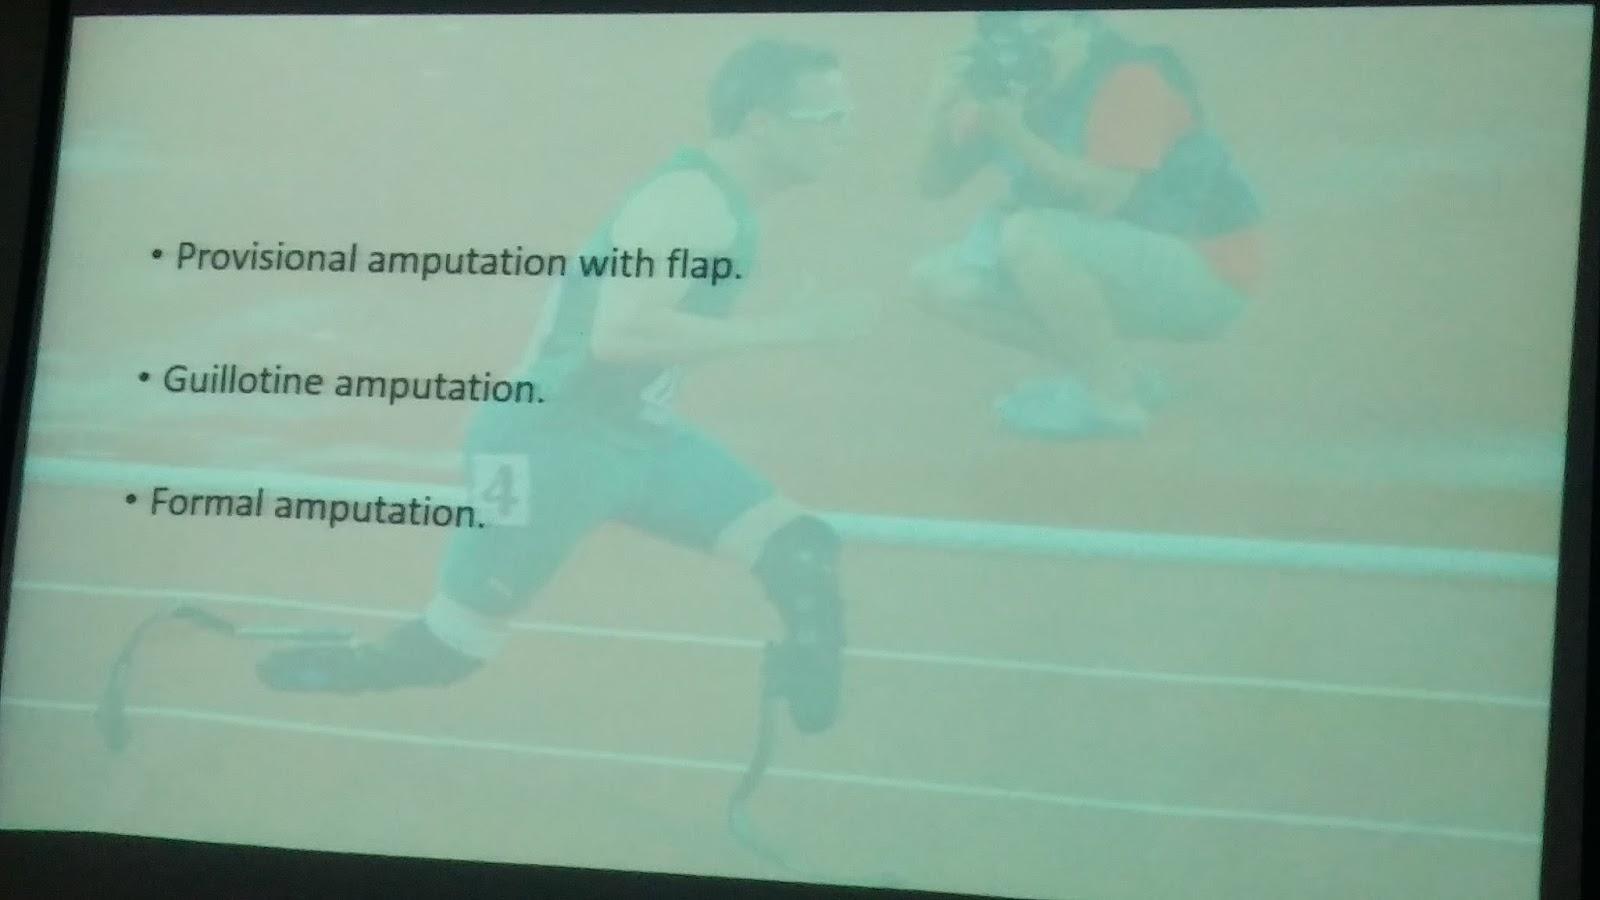 Lecture Slides: Surgery